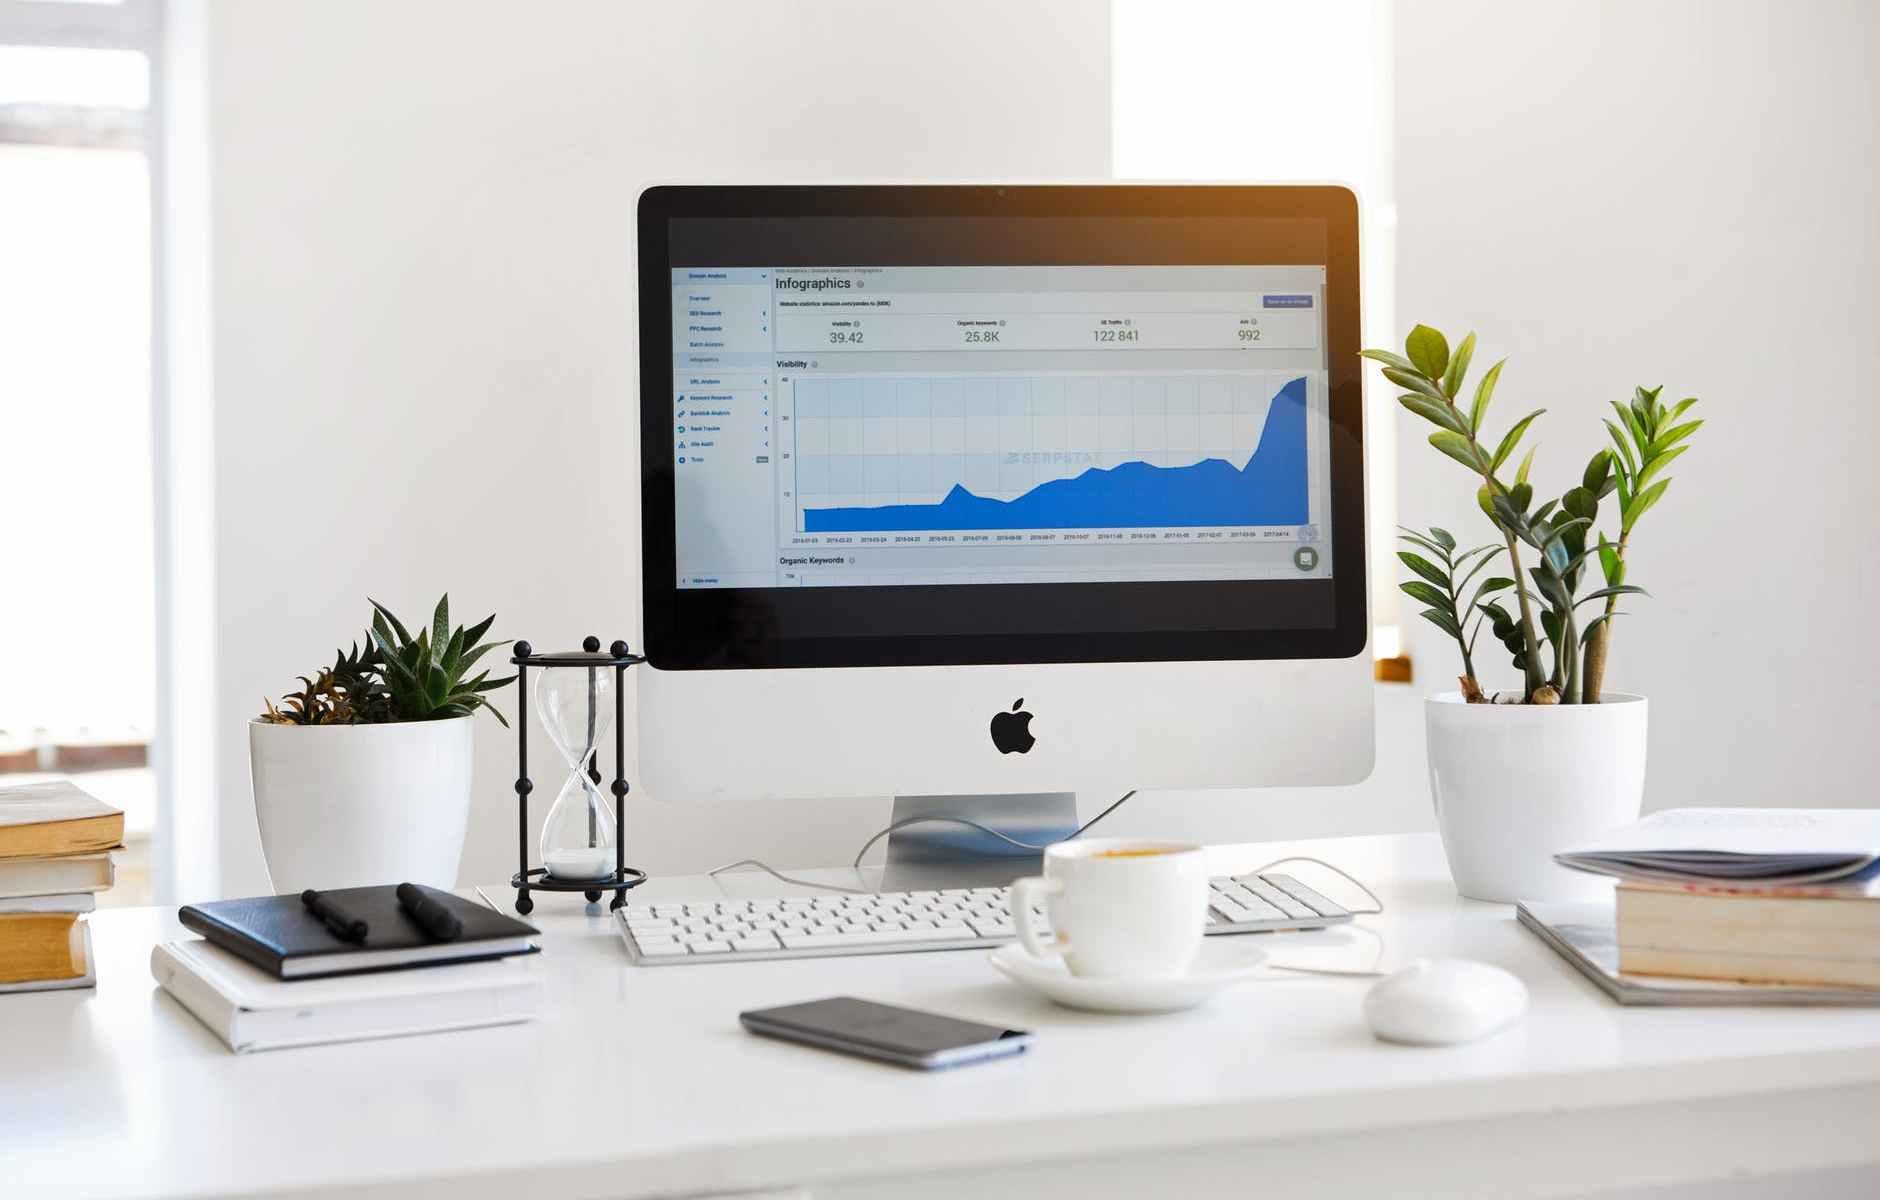 챗봇을 통한 온라인 채널 비즈니스의 혁명 / Revolution of Online Channel Business based on Chatbot